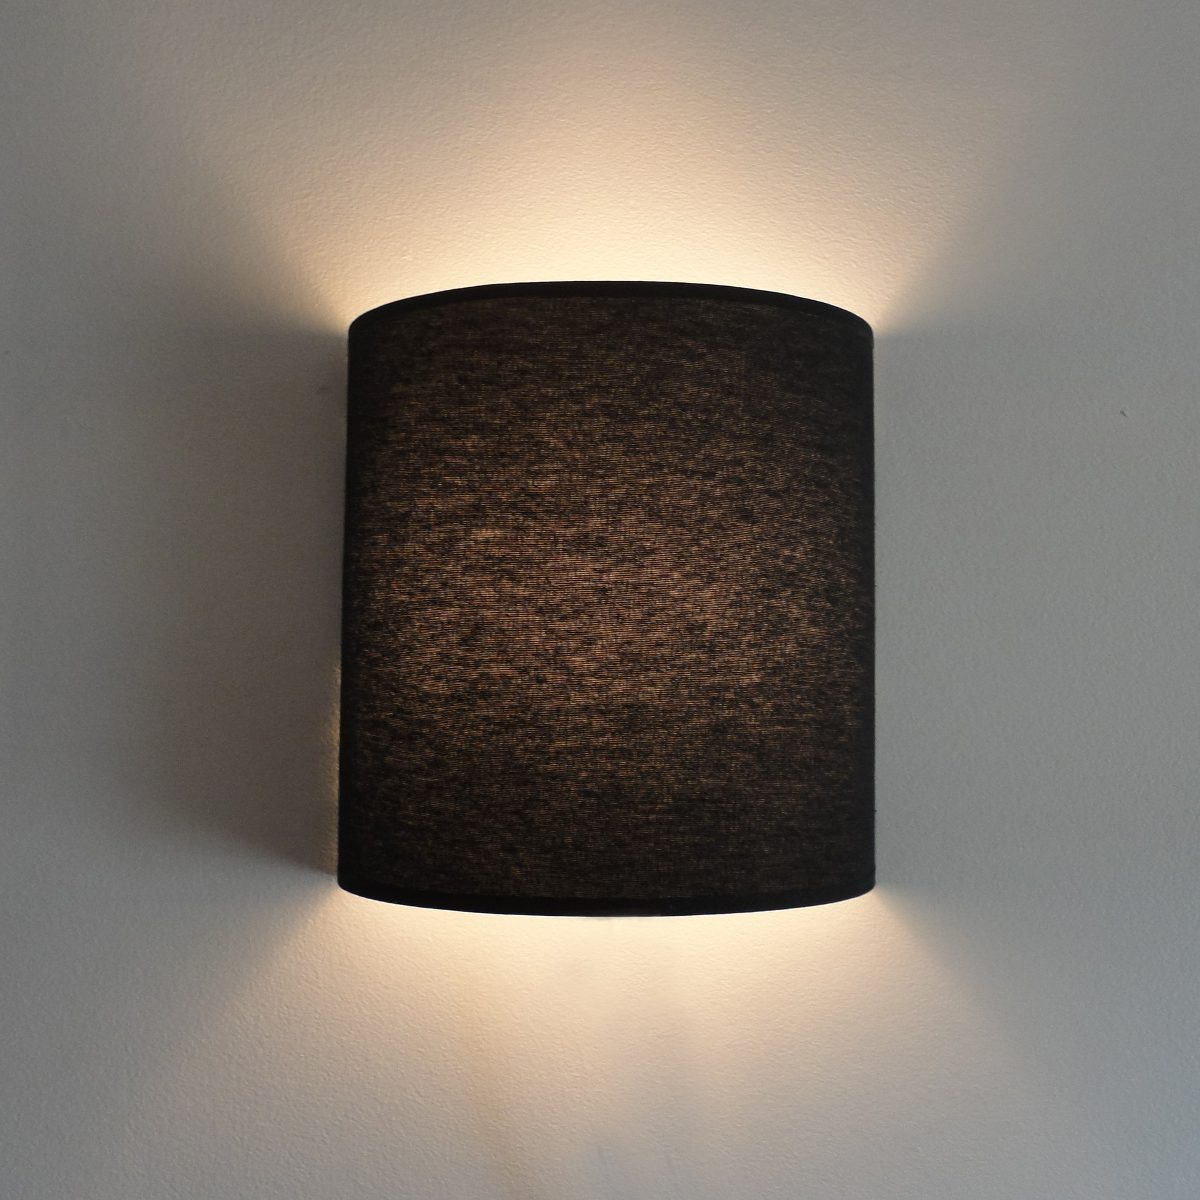 pared para lampara aplique cargando zoom - Lampara Pared